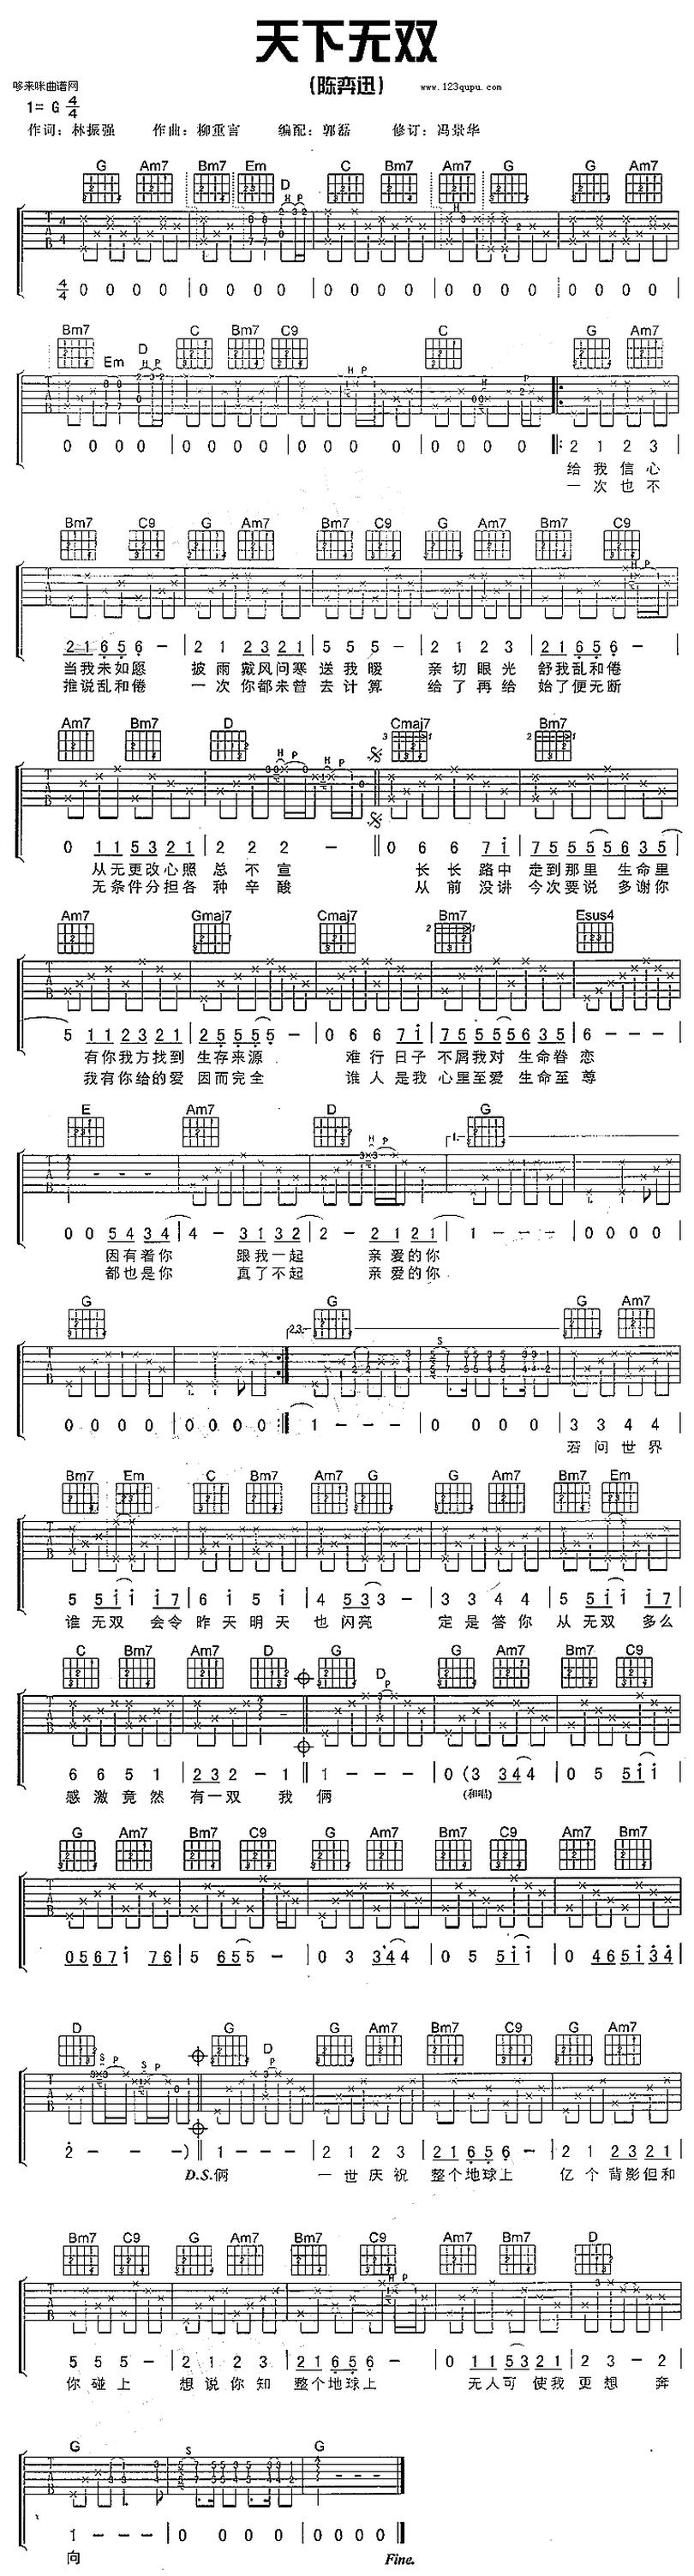 天下無雙-陳奕迅-图片吉他谱-0